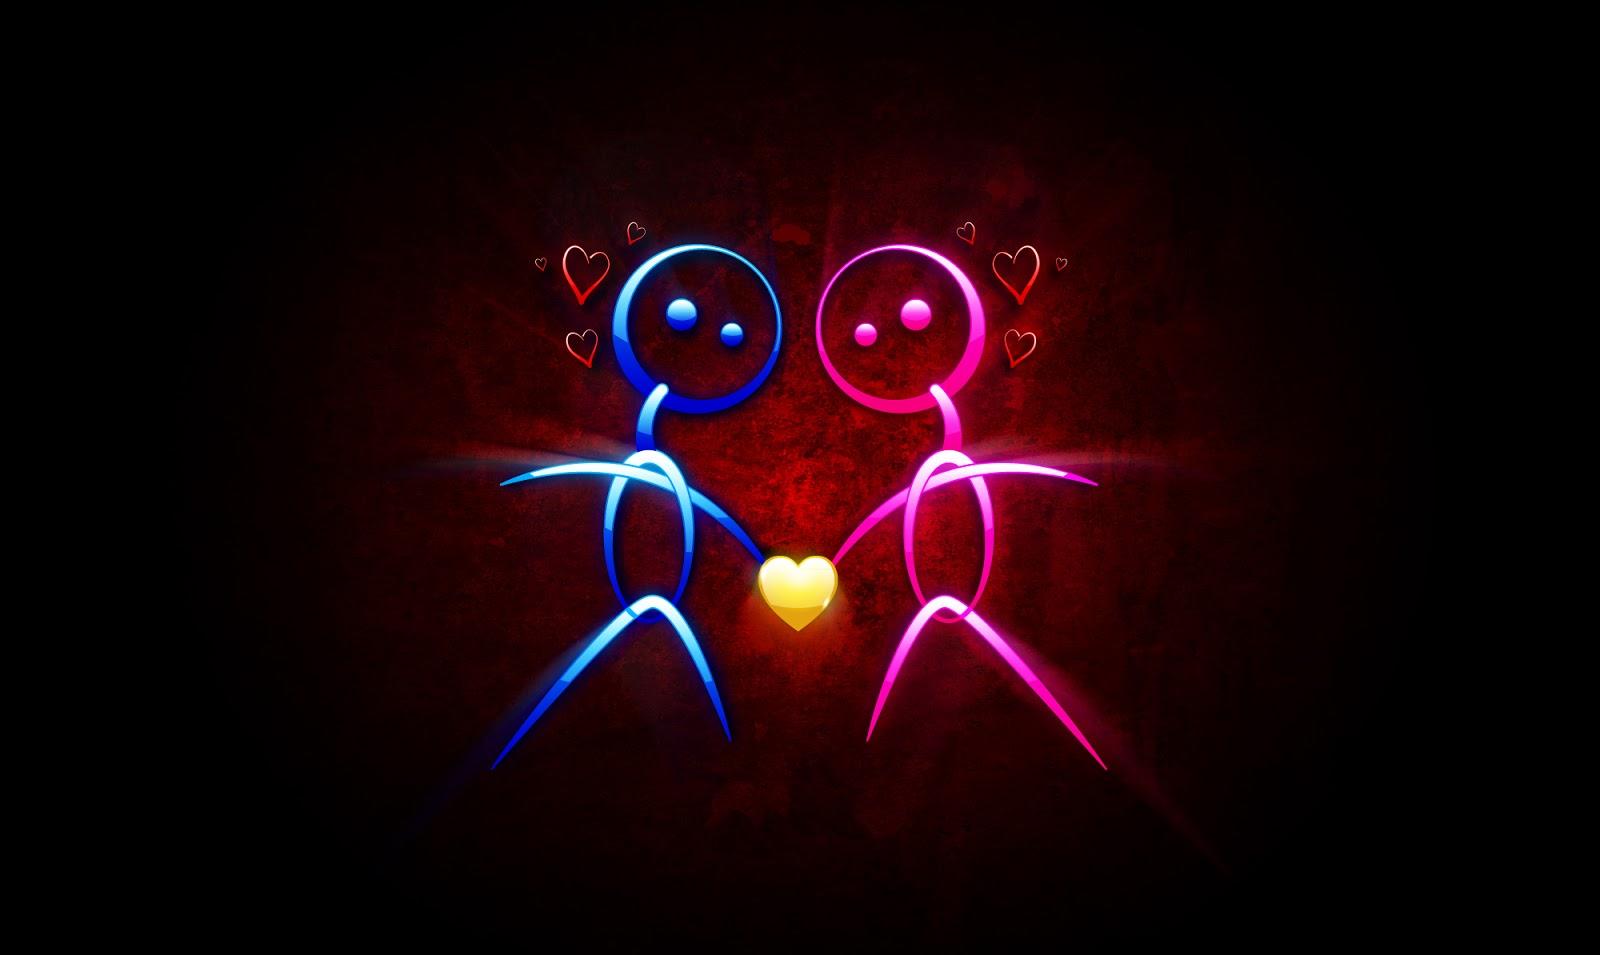 3d Love Couple Wallpaper Banco De Im 193 Genes 28 Im 225 Genes De Parejas Enamoradas 14